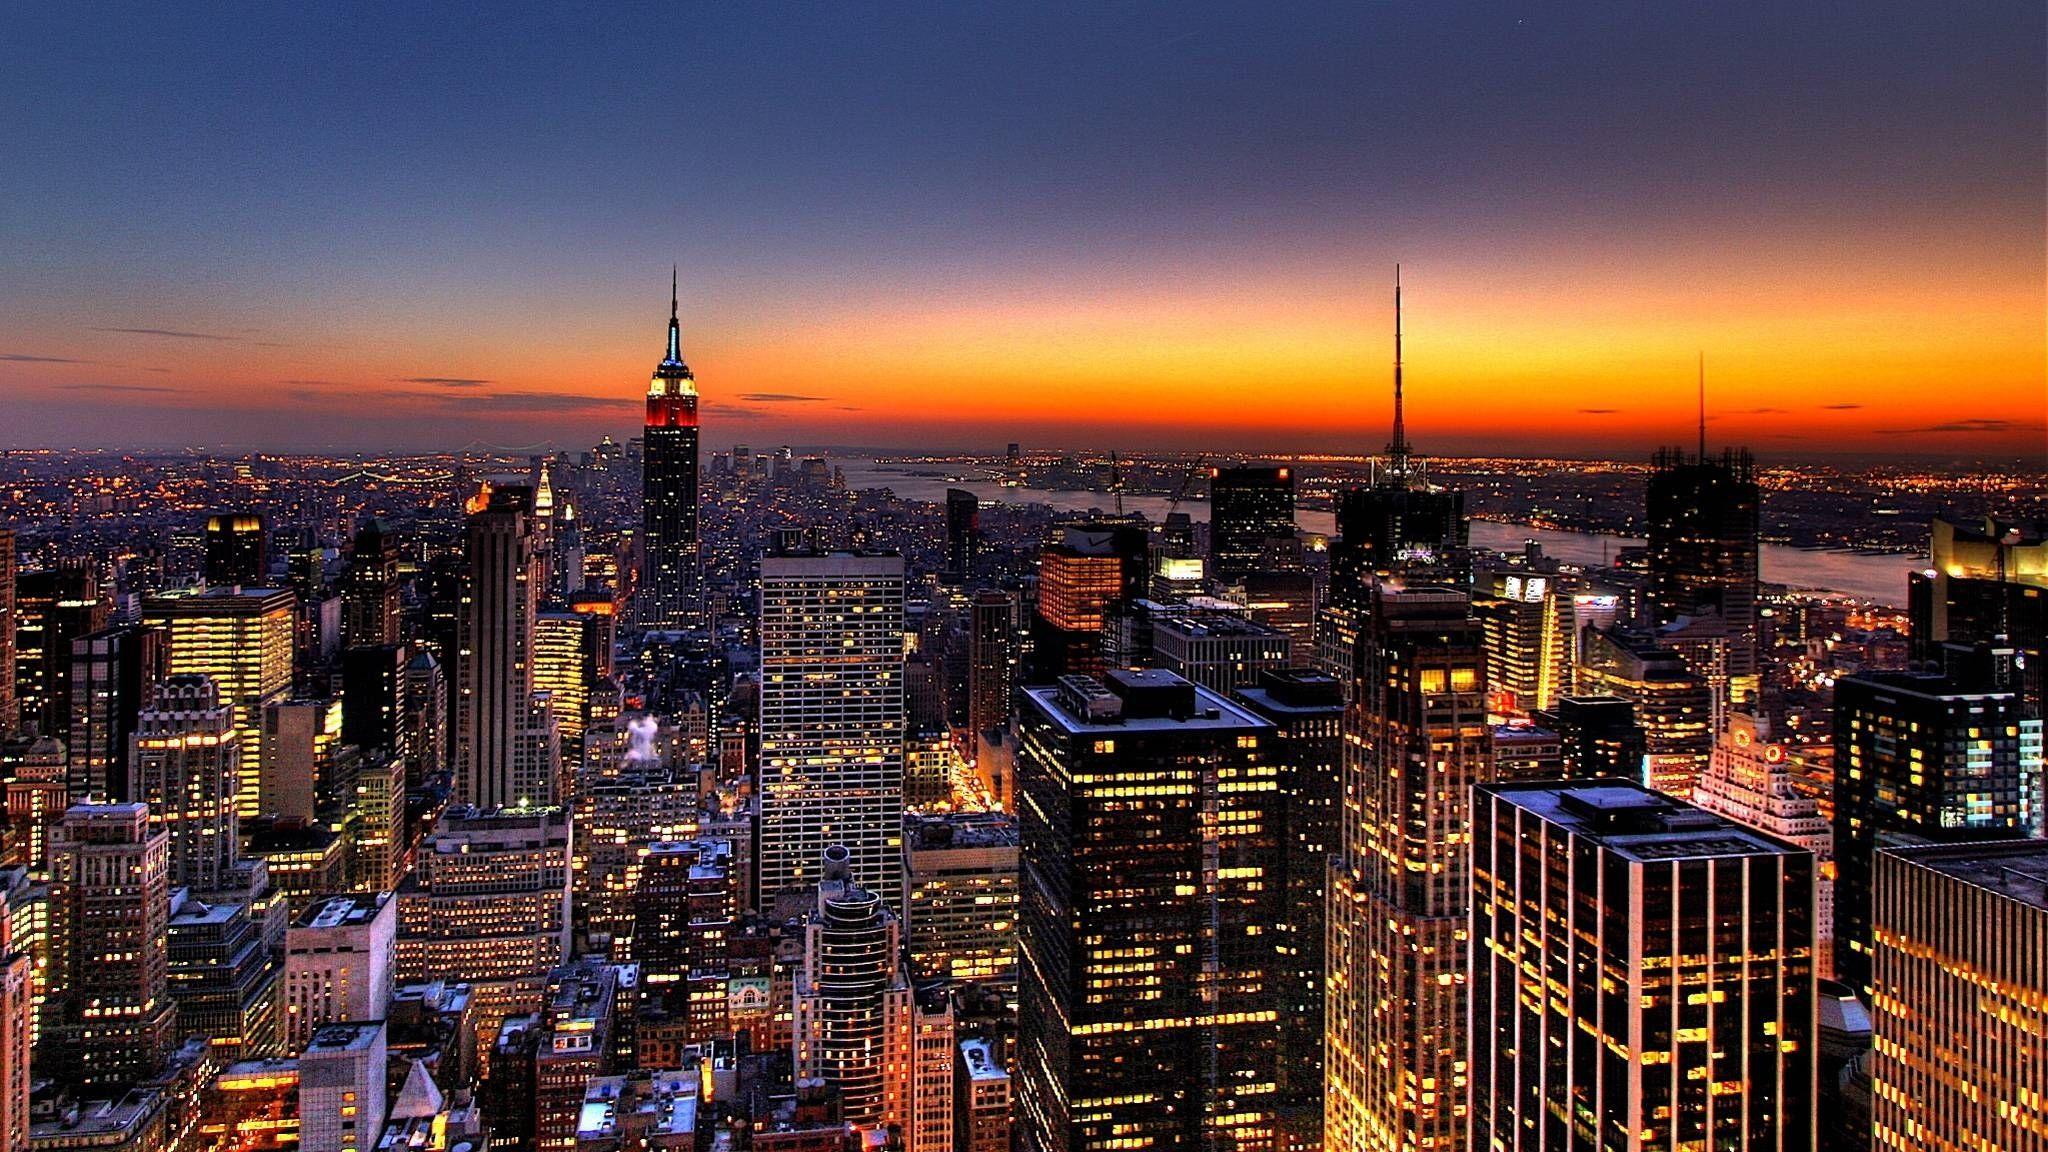 10 Best New York Night Wallpaper Full Hd 1920 1080 For Pc Background New York Wallpaper Nyc Skyline New York Night Best of new york night wallpaper for